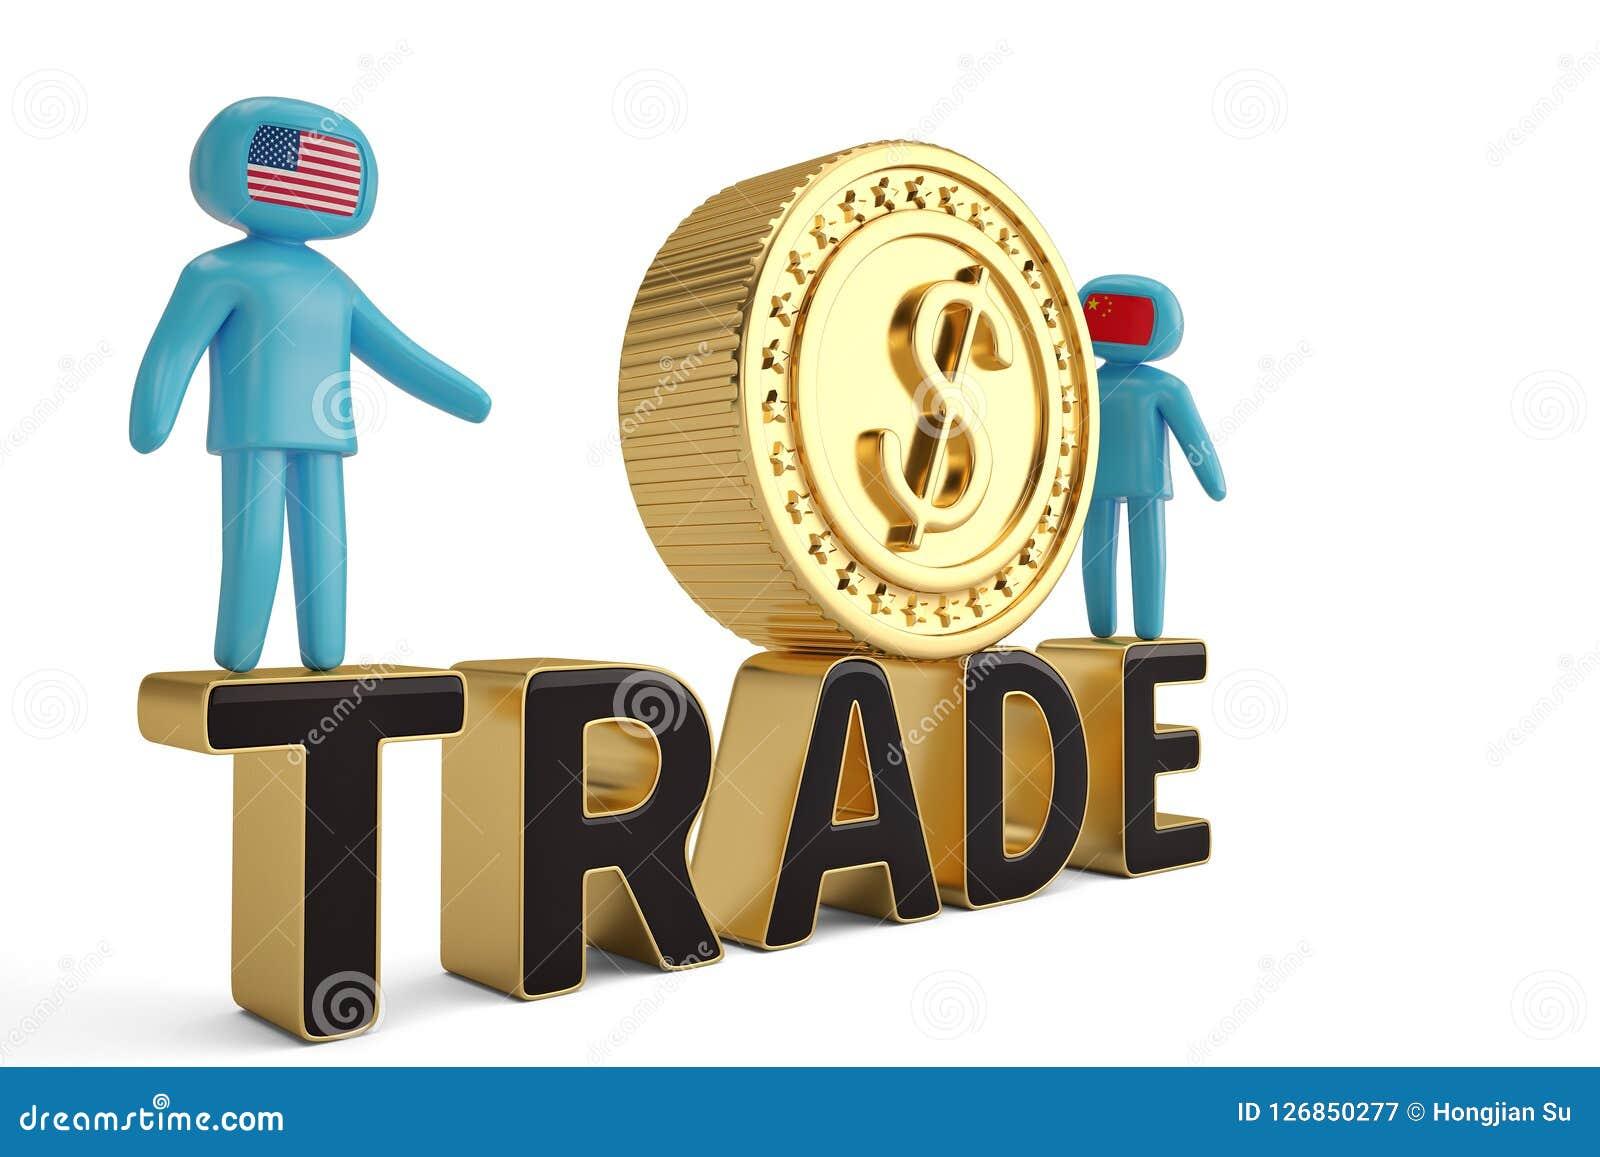 Δύο άνθρωποι αριθμού στην εμπορική λέξη και το μεγάλο χρυσό τρισδιάστατο illustratio νομισμάτων